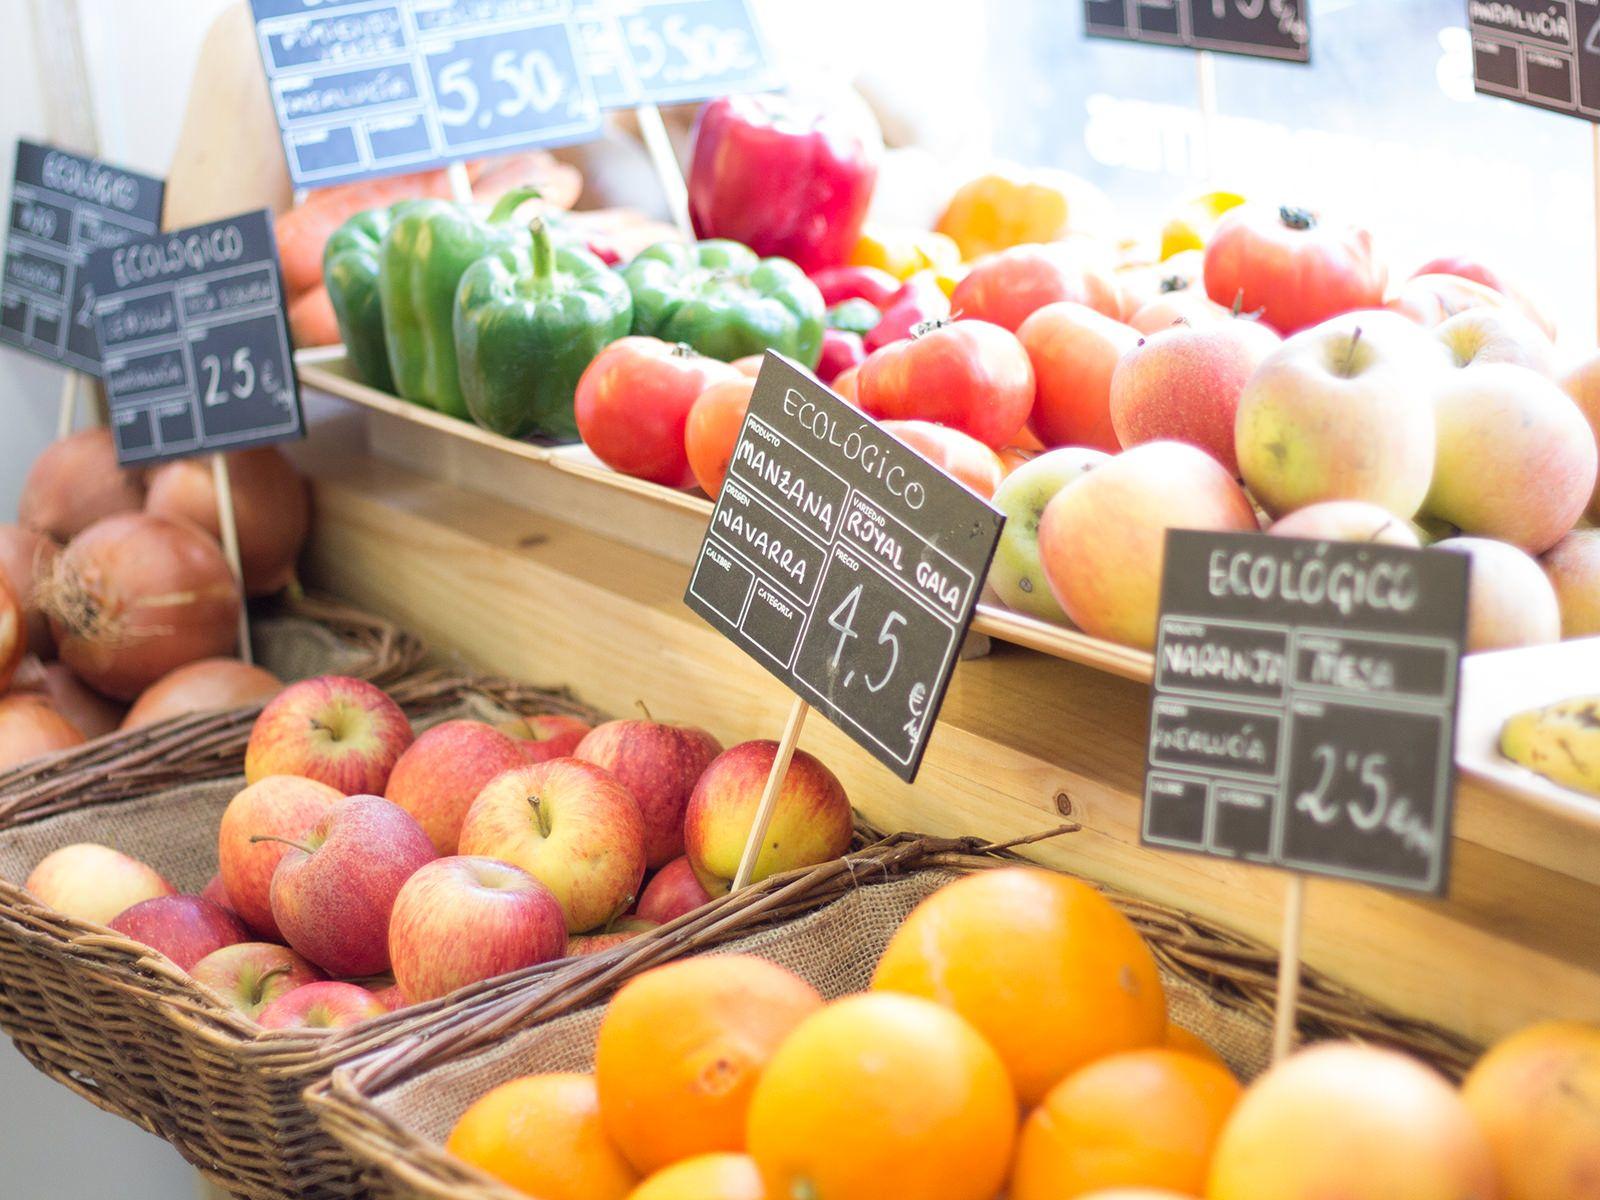 Garten True Food, frutería ecológica